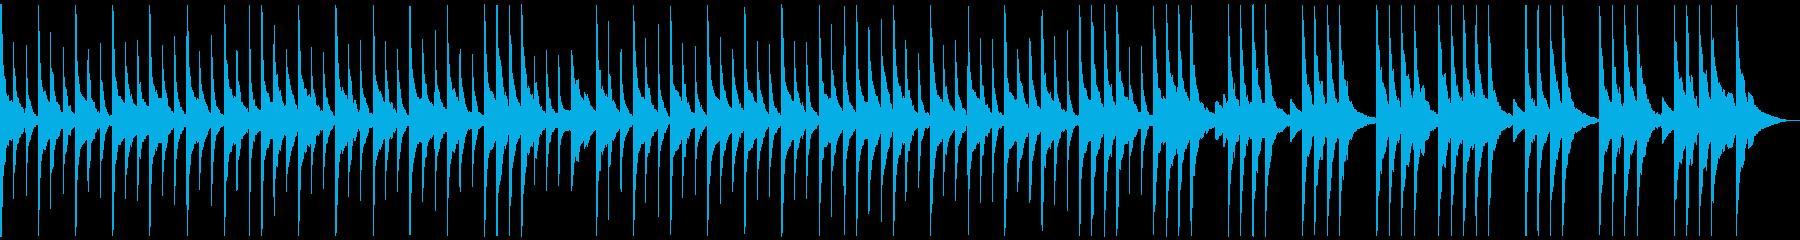 オルゴール風 ワルツの再生済みの波形